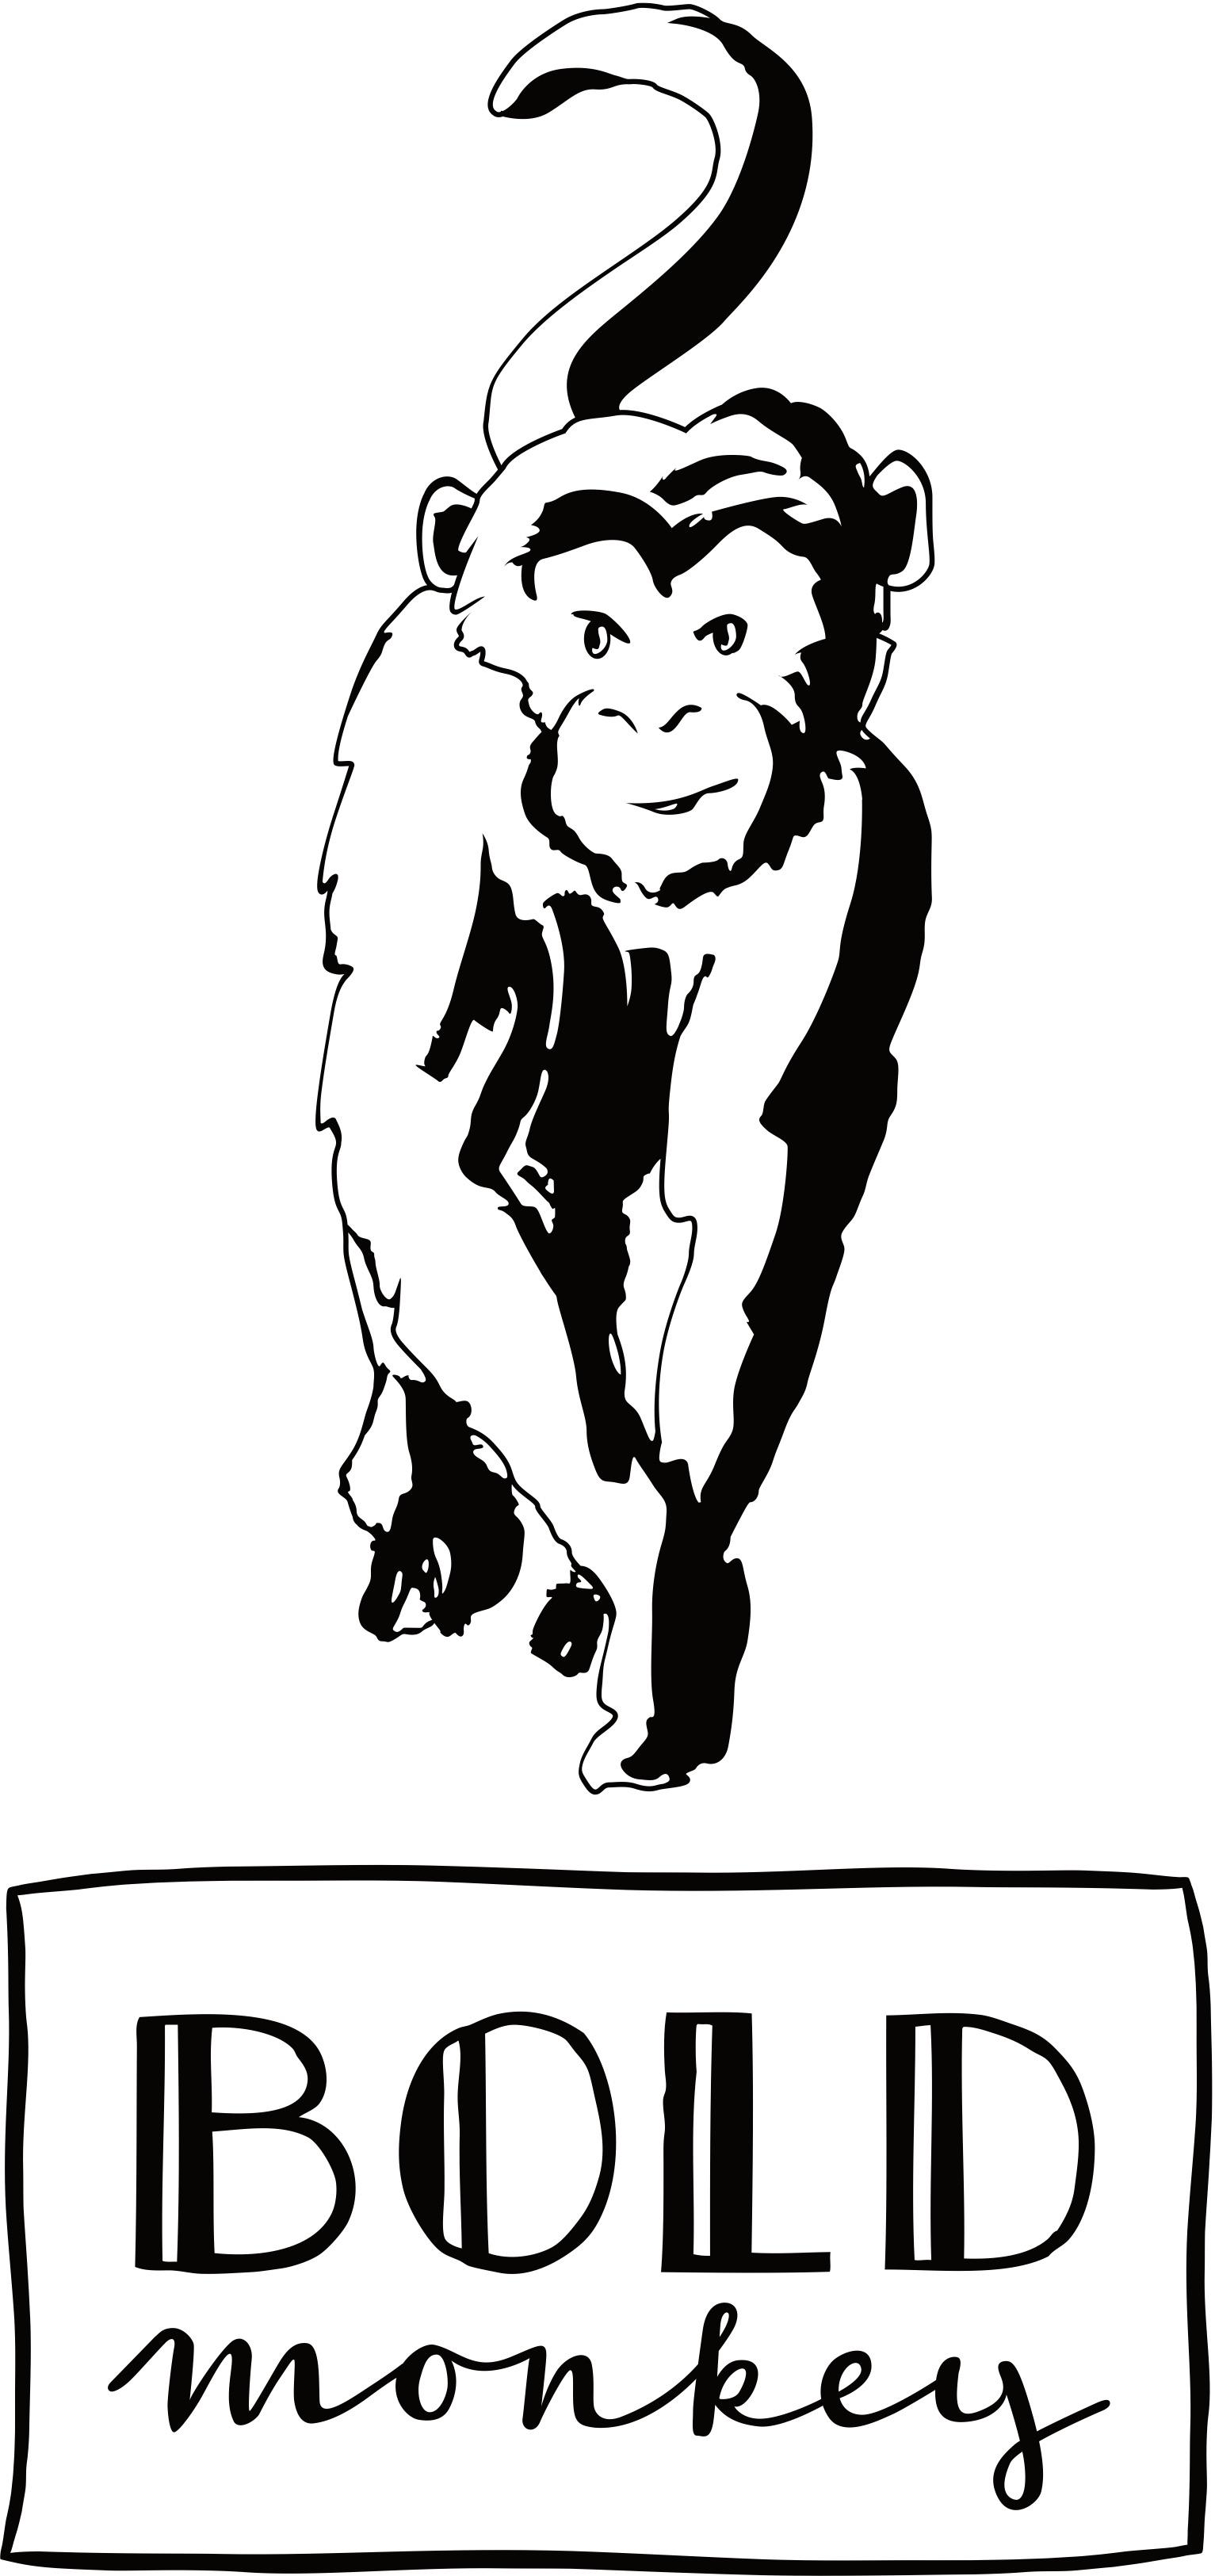 Bold Monkey i am not a macaron stoel velvet oker geel gouden poten vooraanzicht